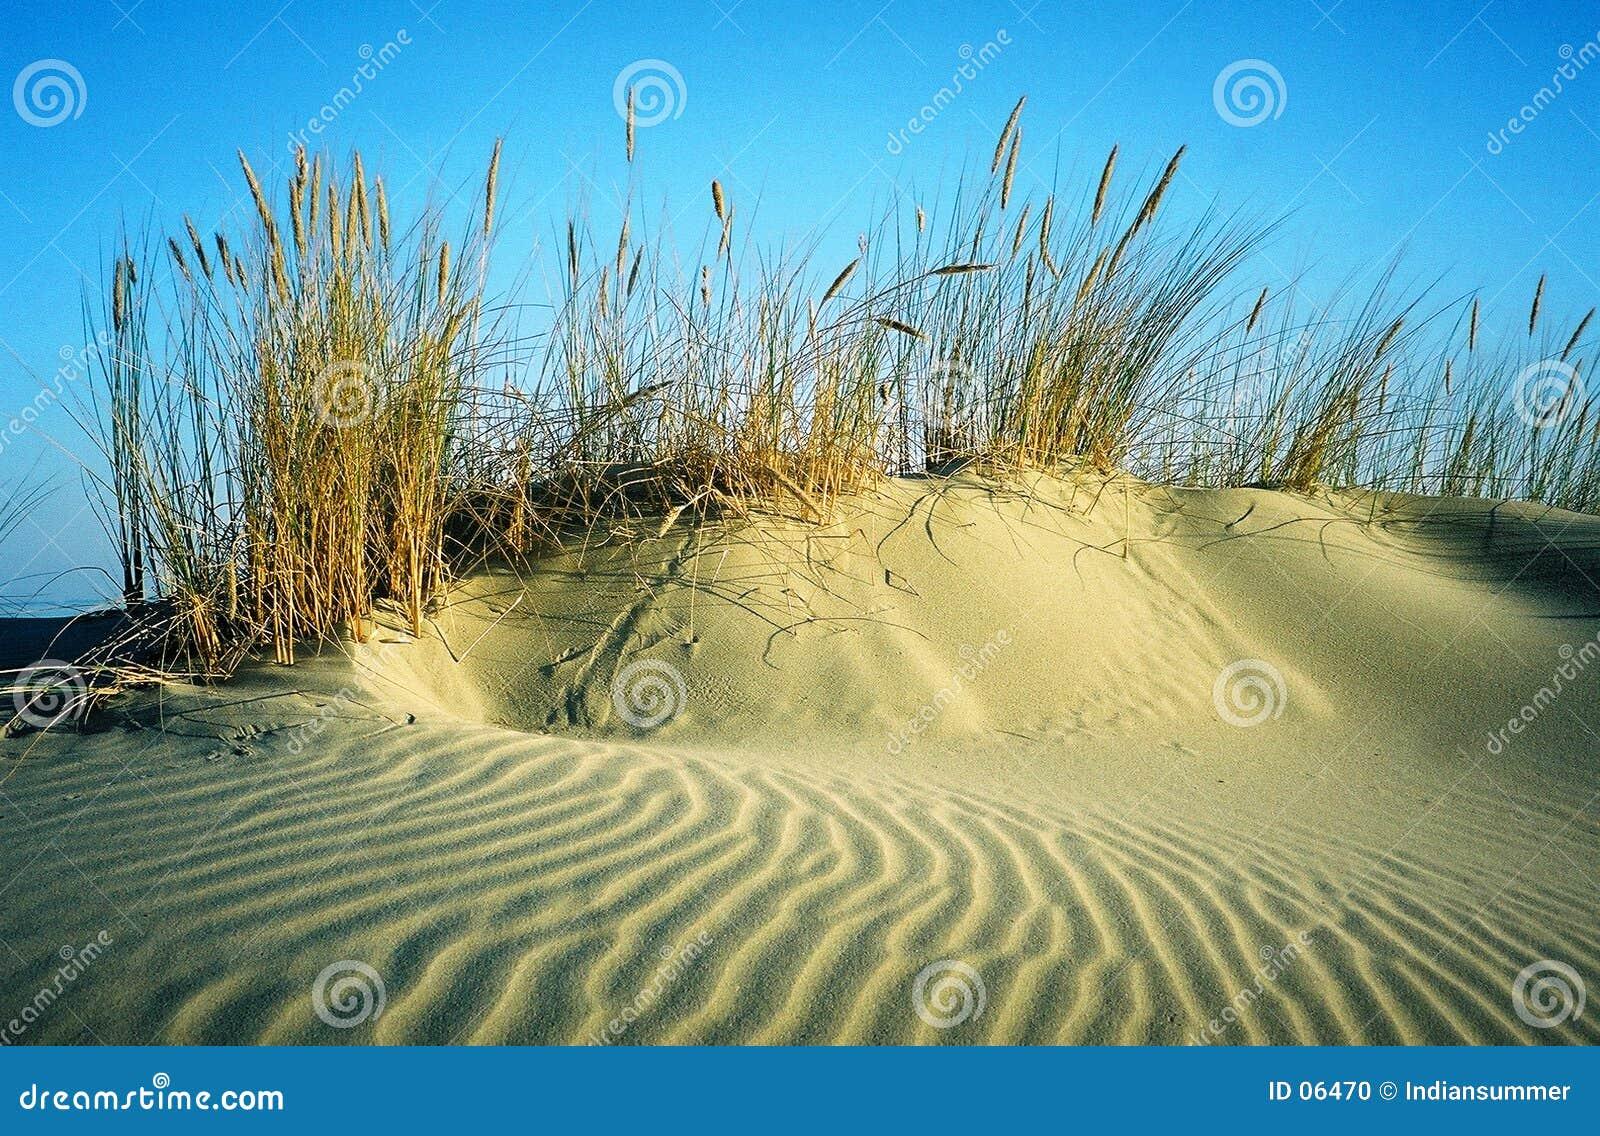 Sandhill with bents